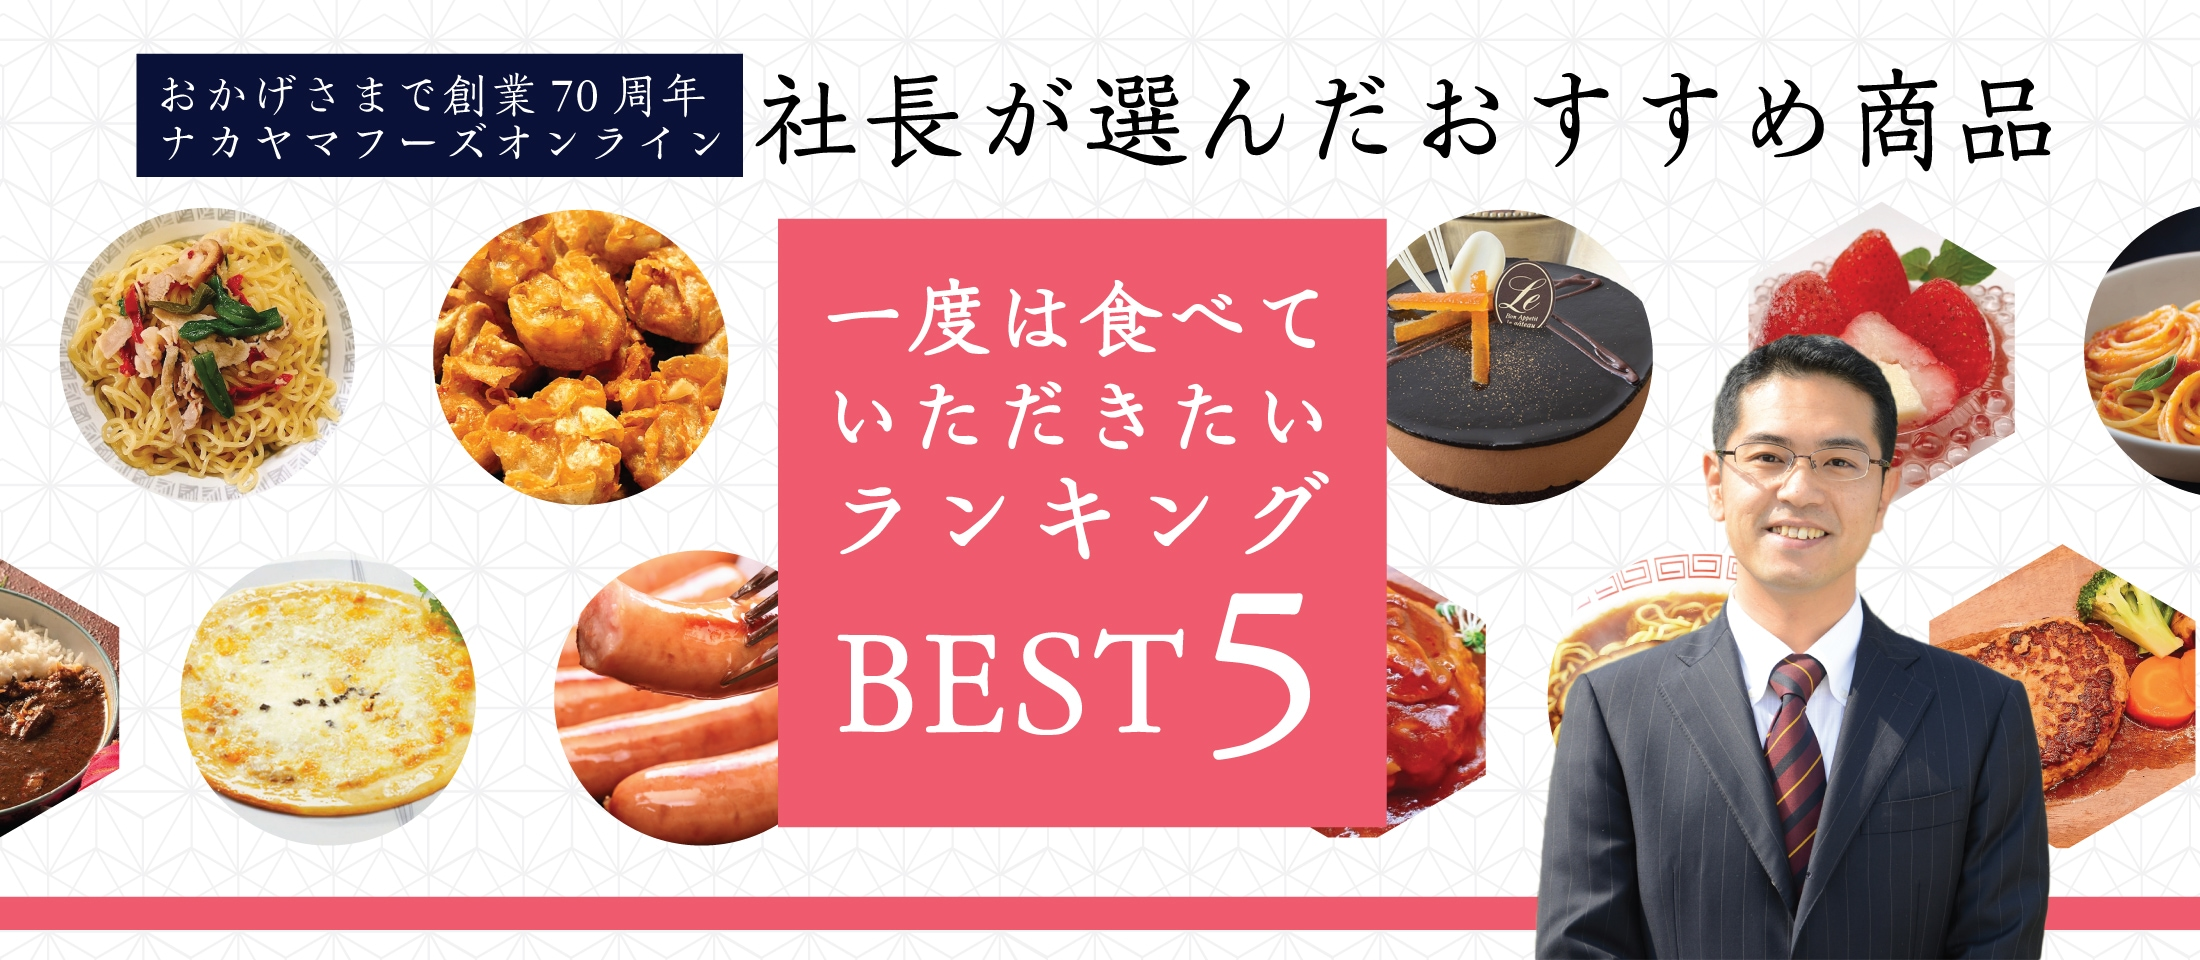 ナカヤマフーズオンライン社長 業務用食品・冷凍食品おすすめランキング5選 業務用食品・冷凍食品の通販 |ナカヤマフーズ